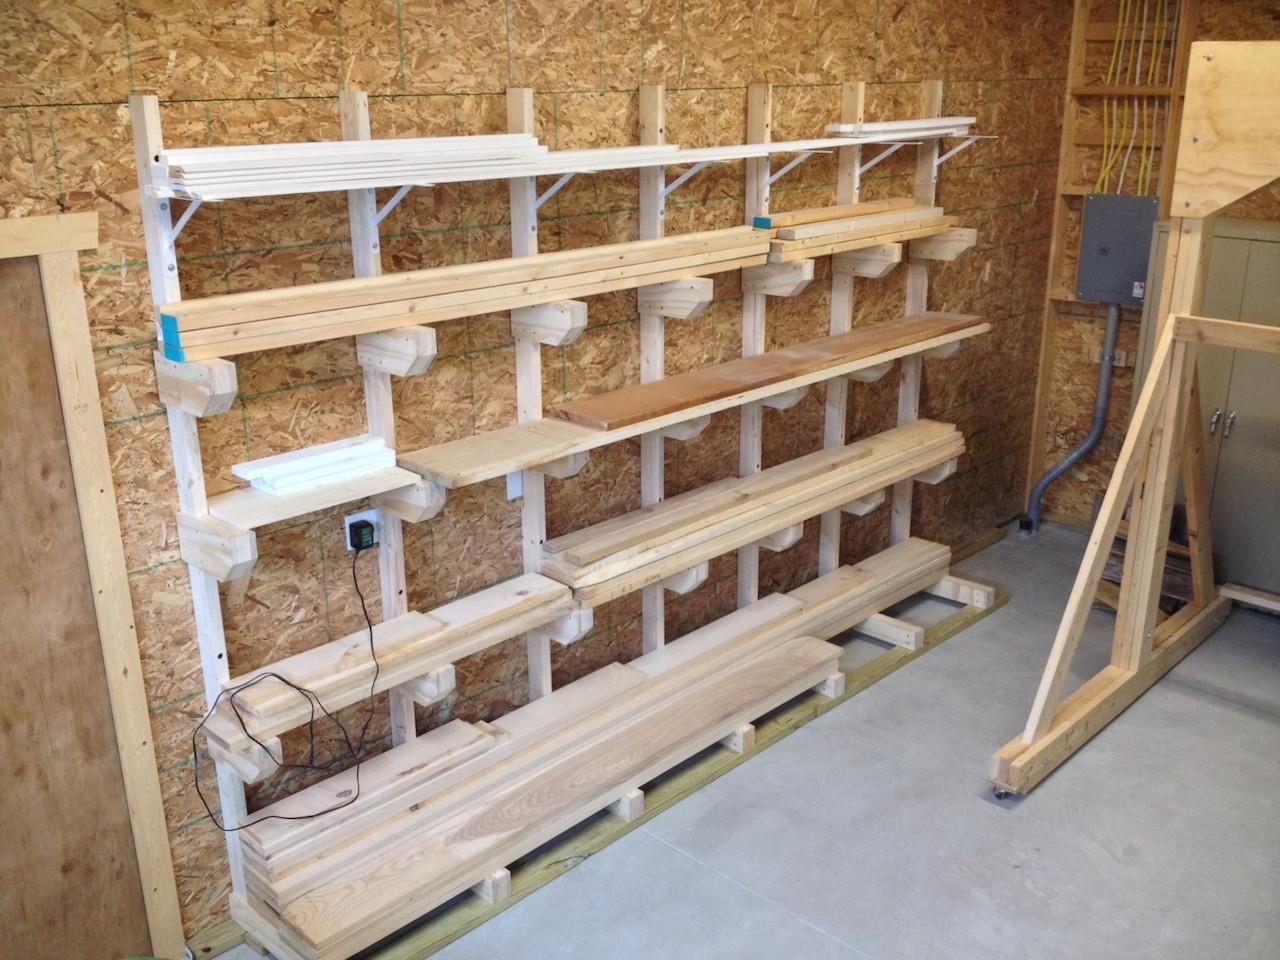 DIY Lumber Rack  Rob s Lumber Rack The Wood Whisperer